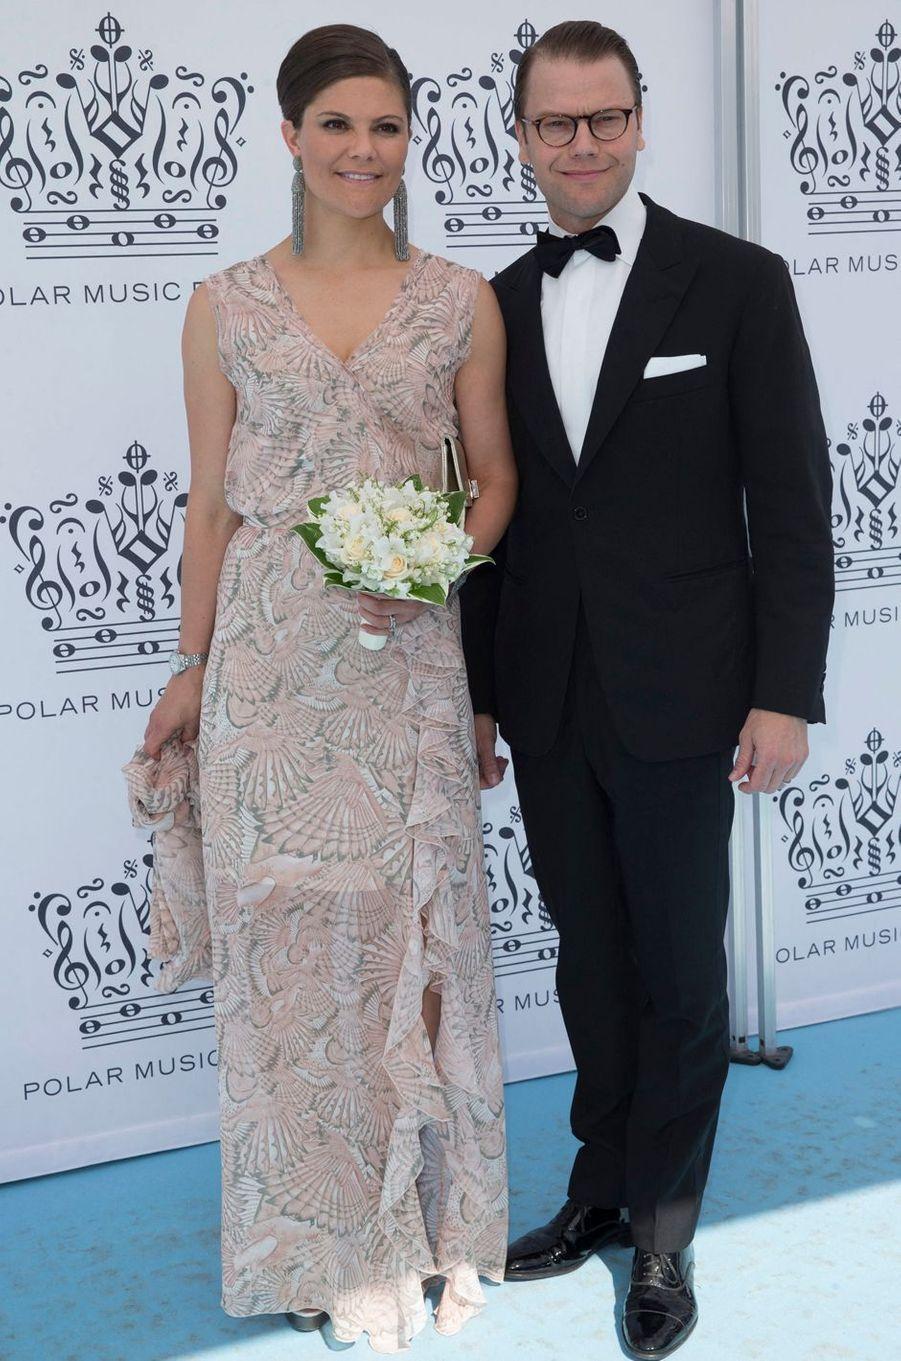 La princesse Victoria de Suède dans une robe House of Dagmar au Polar Music Prize, le 9 juin 2015